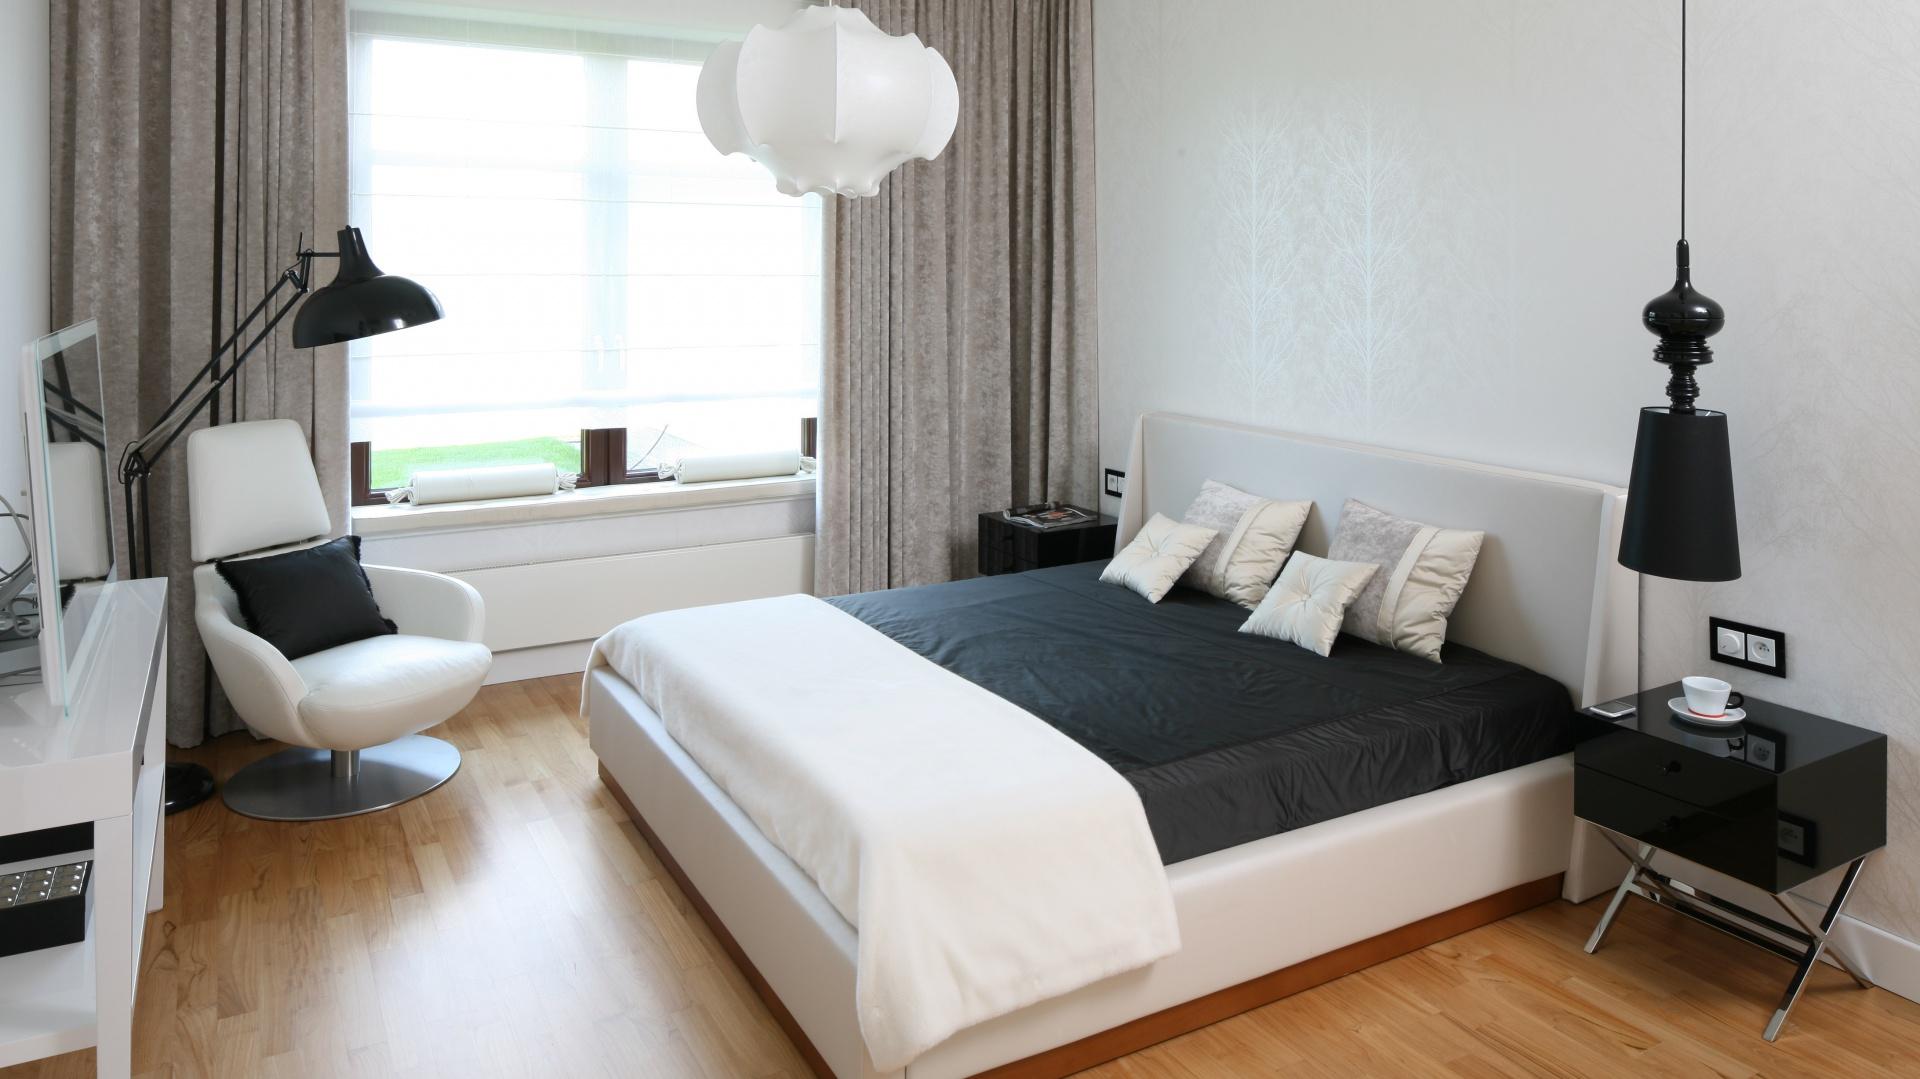 Zasłony wykonane z grubego materiału zaciemniają pokój i zapewniają prywatność. Projekt: Katarzyna Koszałka. Fot. Bartosz Jarosz.